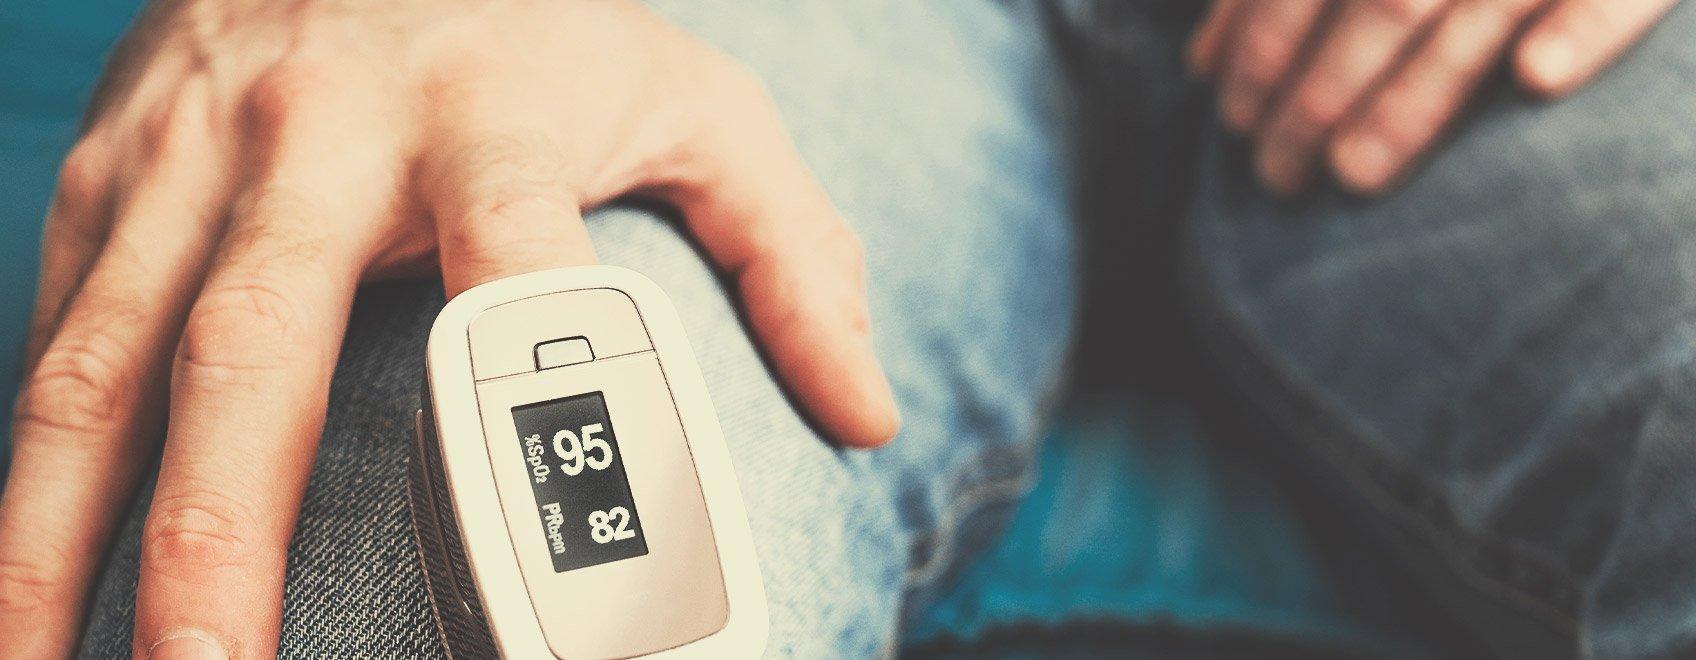 Erhöhter Puls und Bluthochdruck